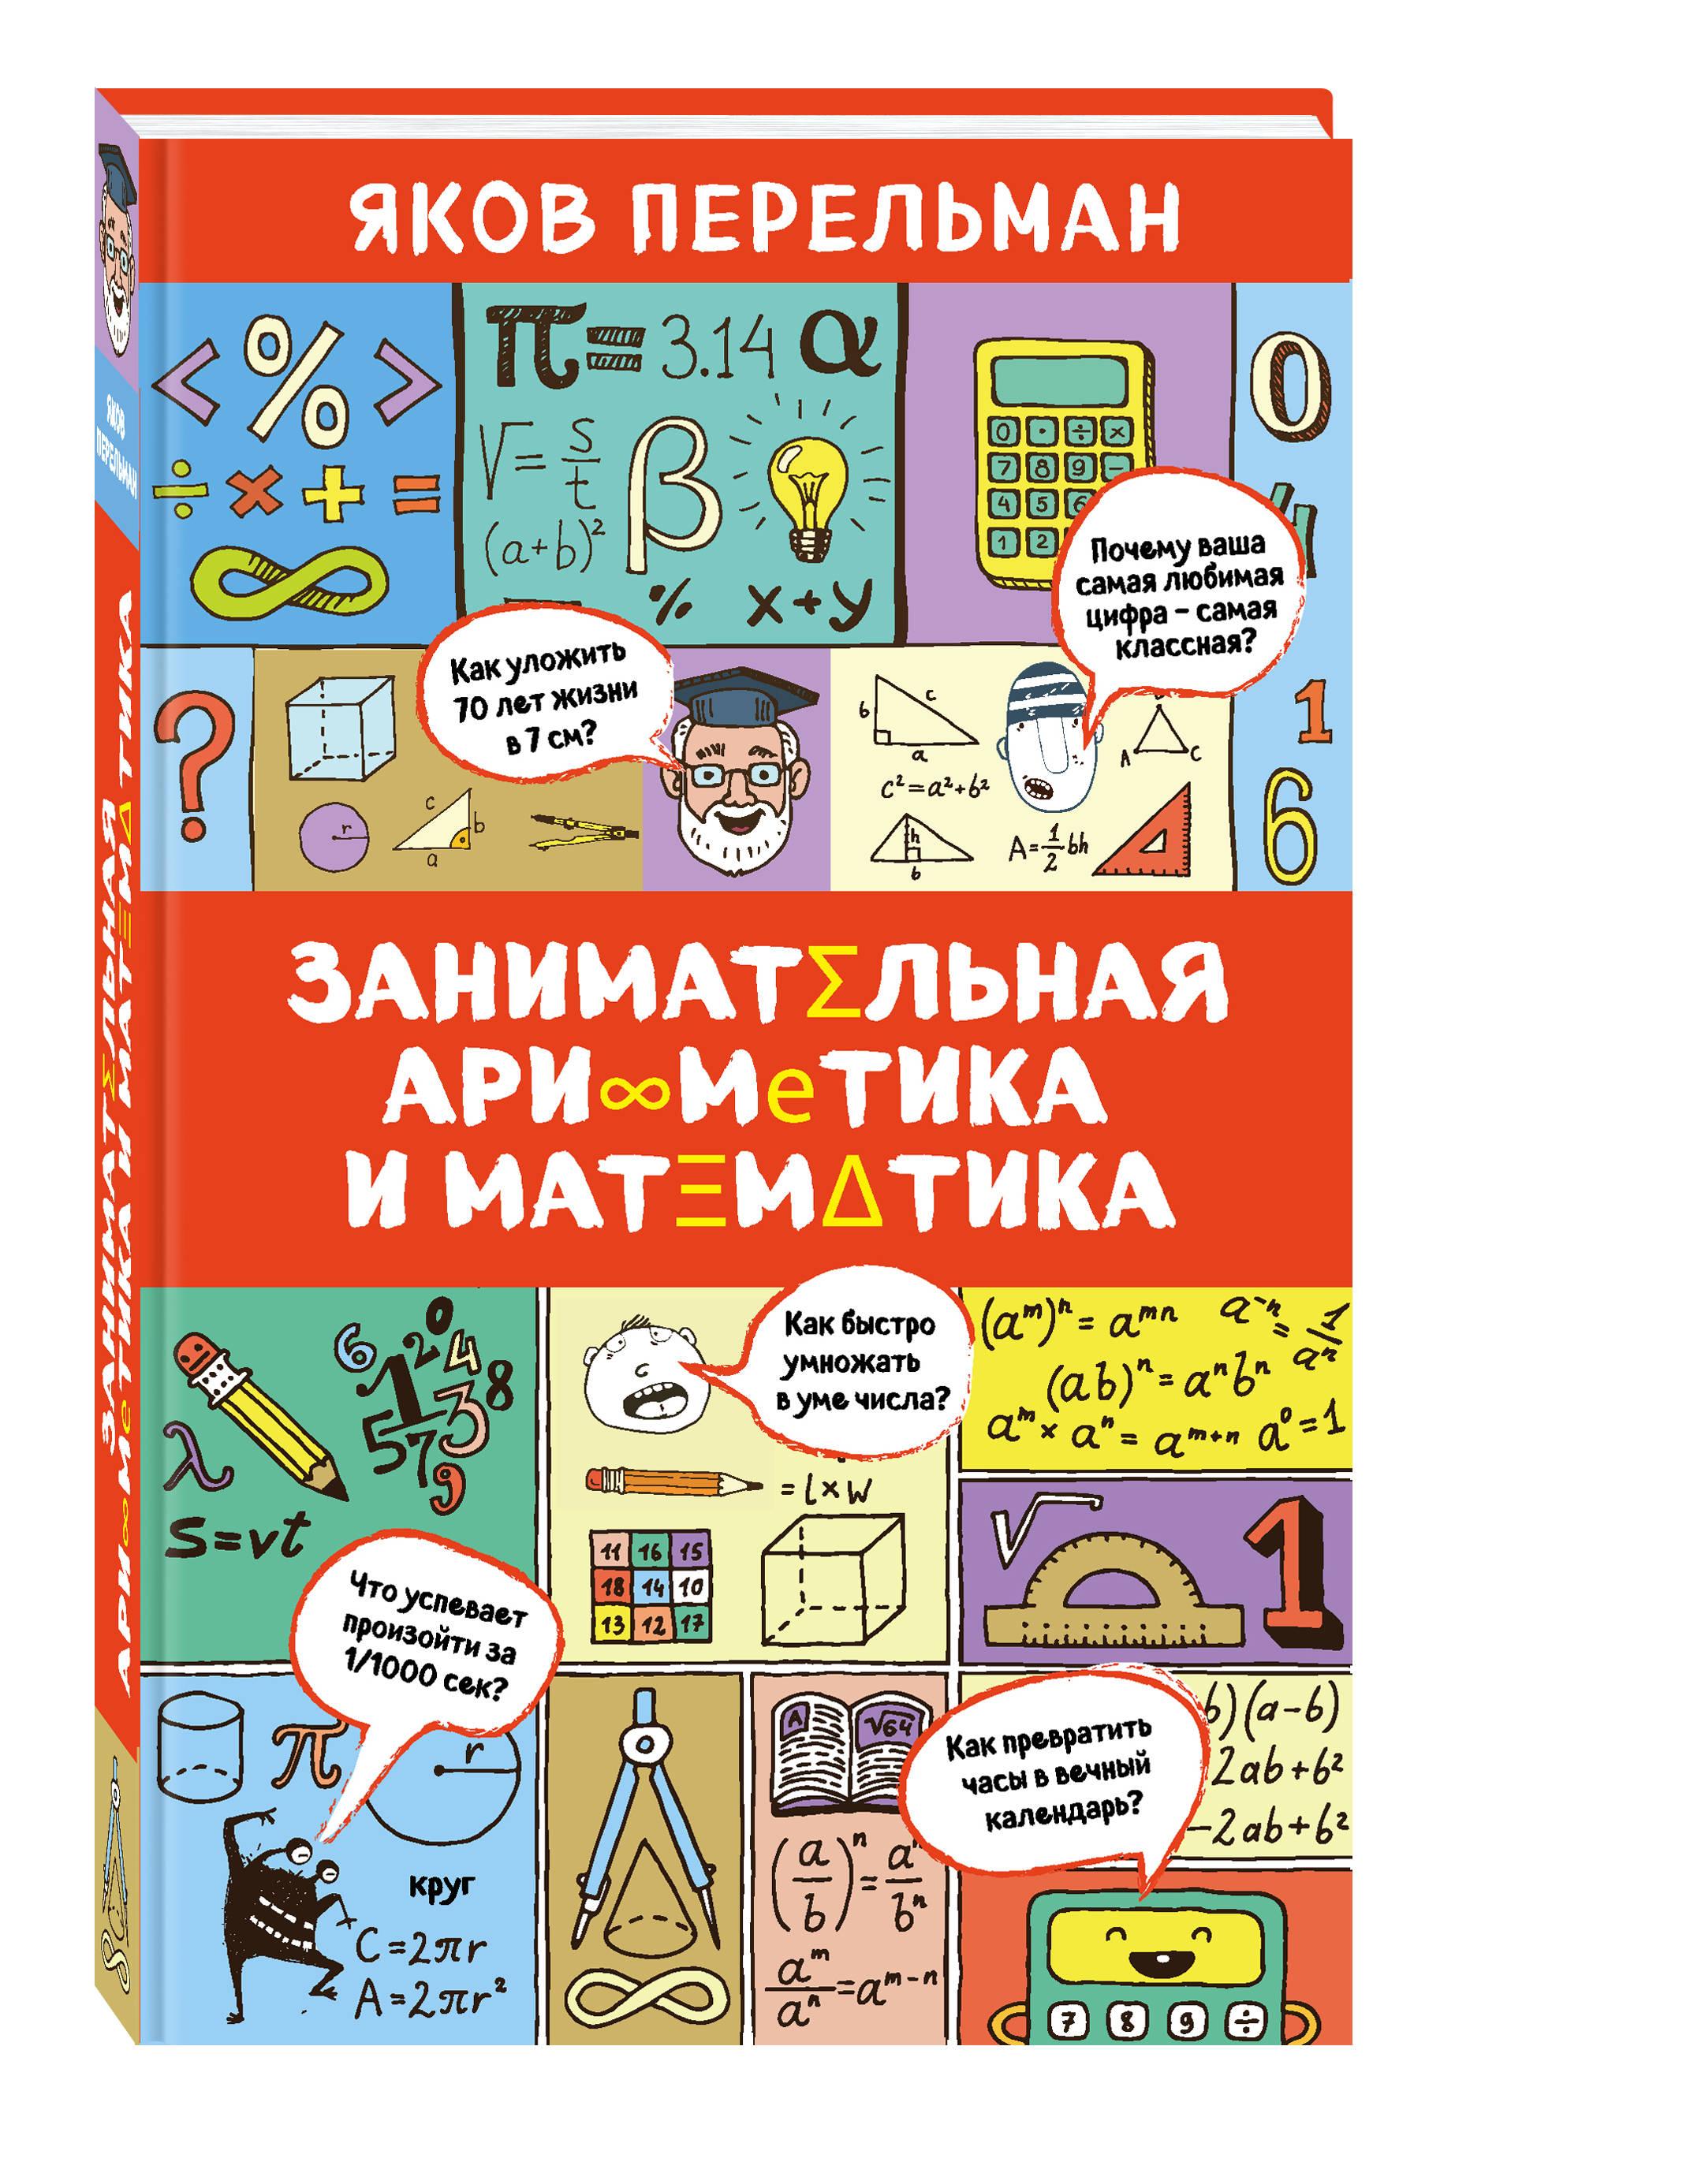 Занимательная арифметика и математика ( Перельман Я.И.  )